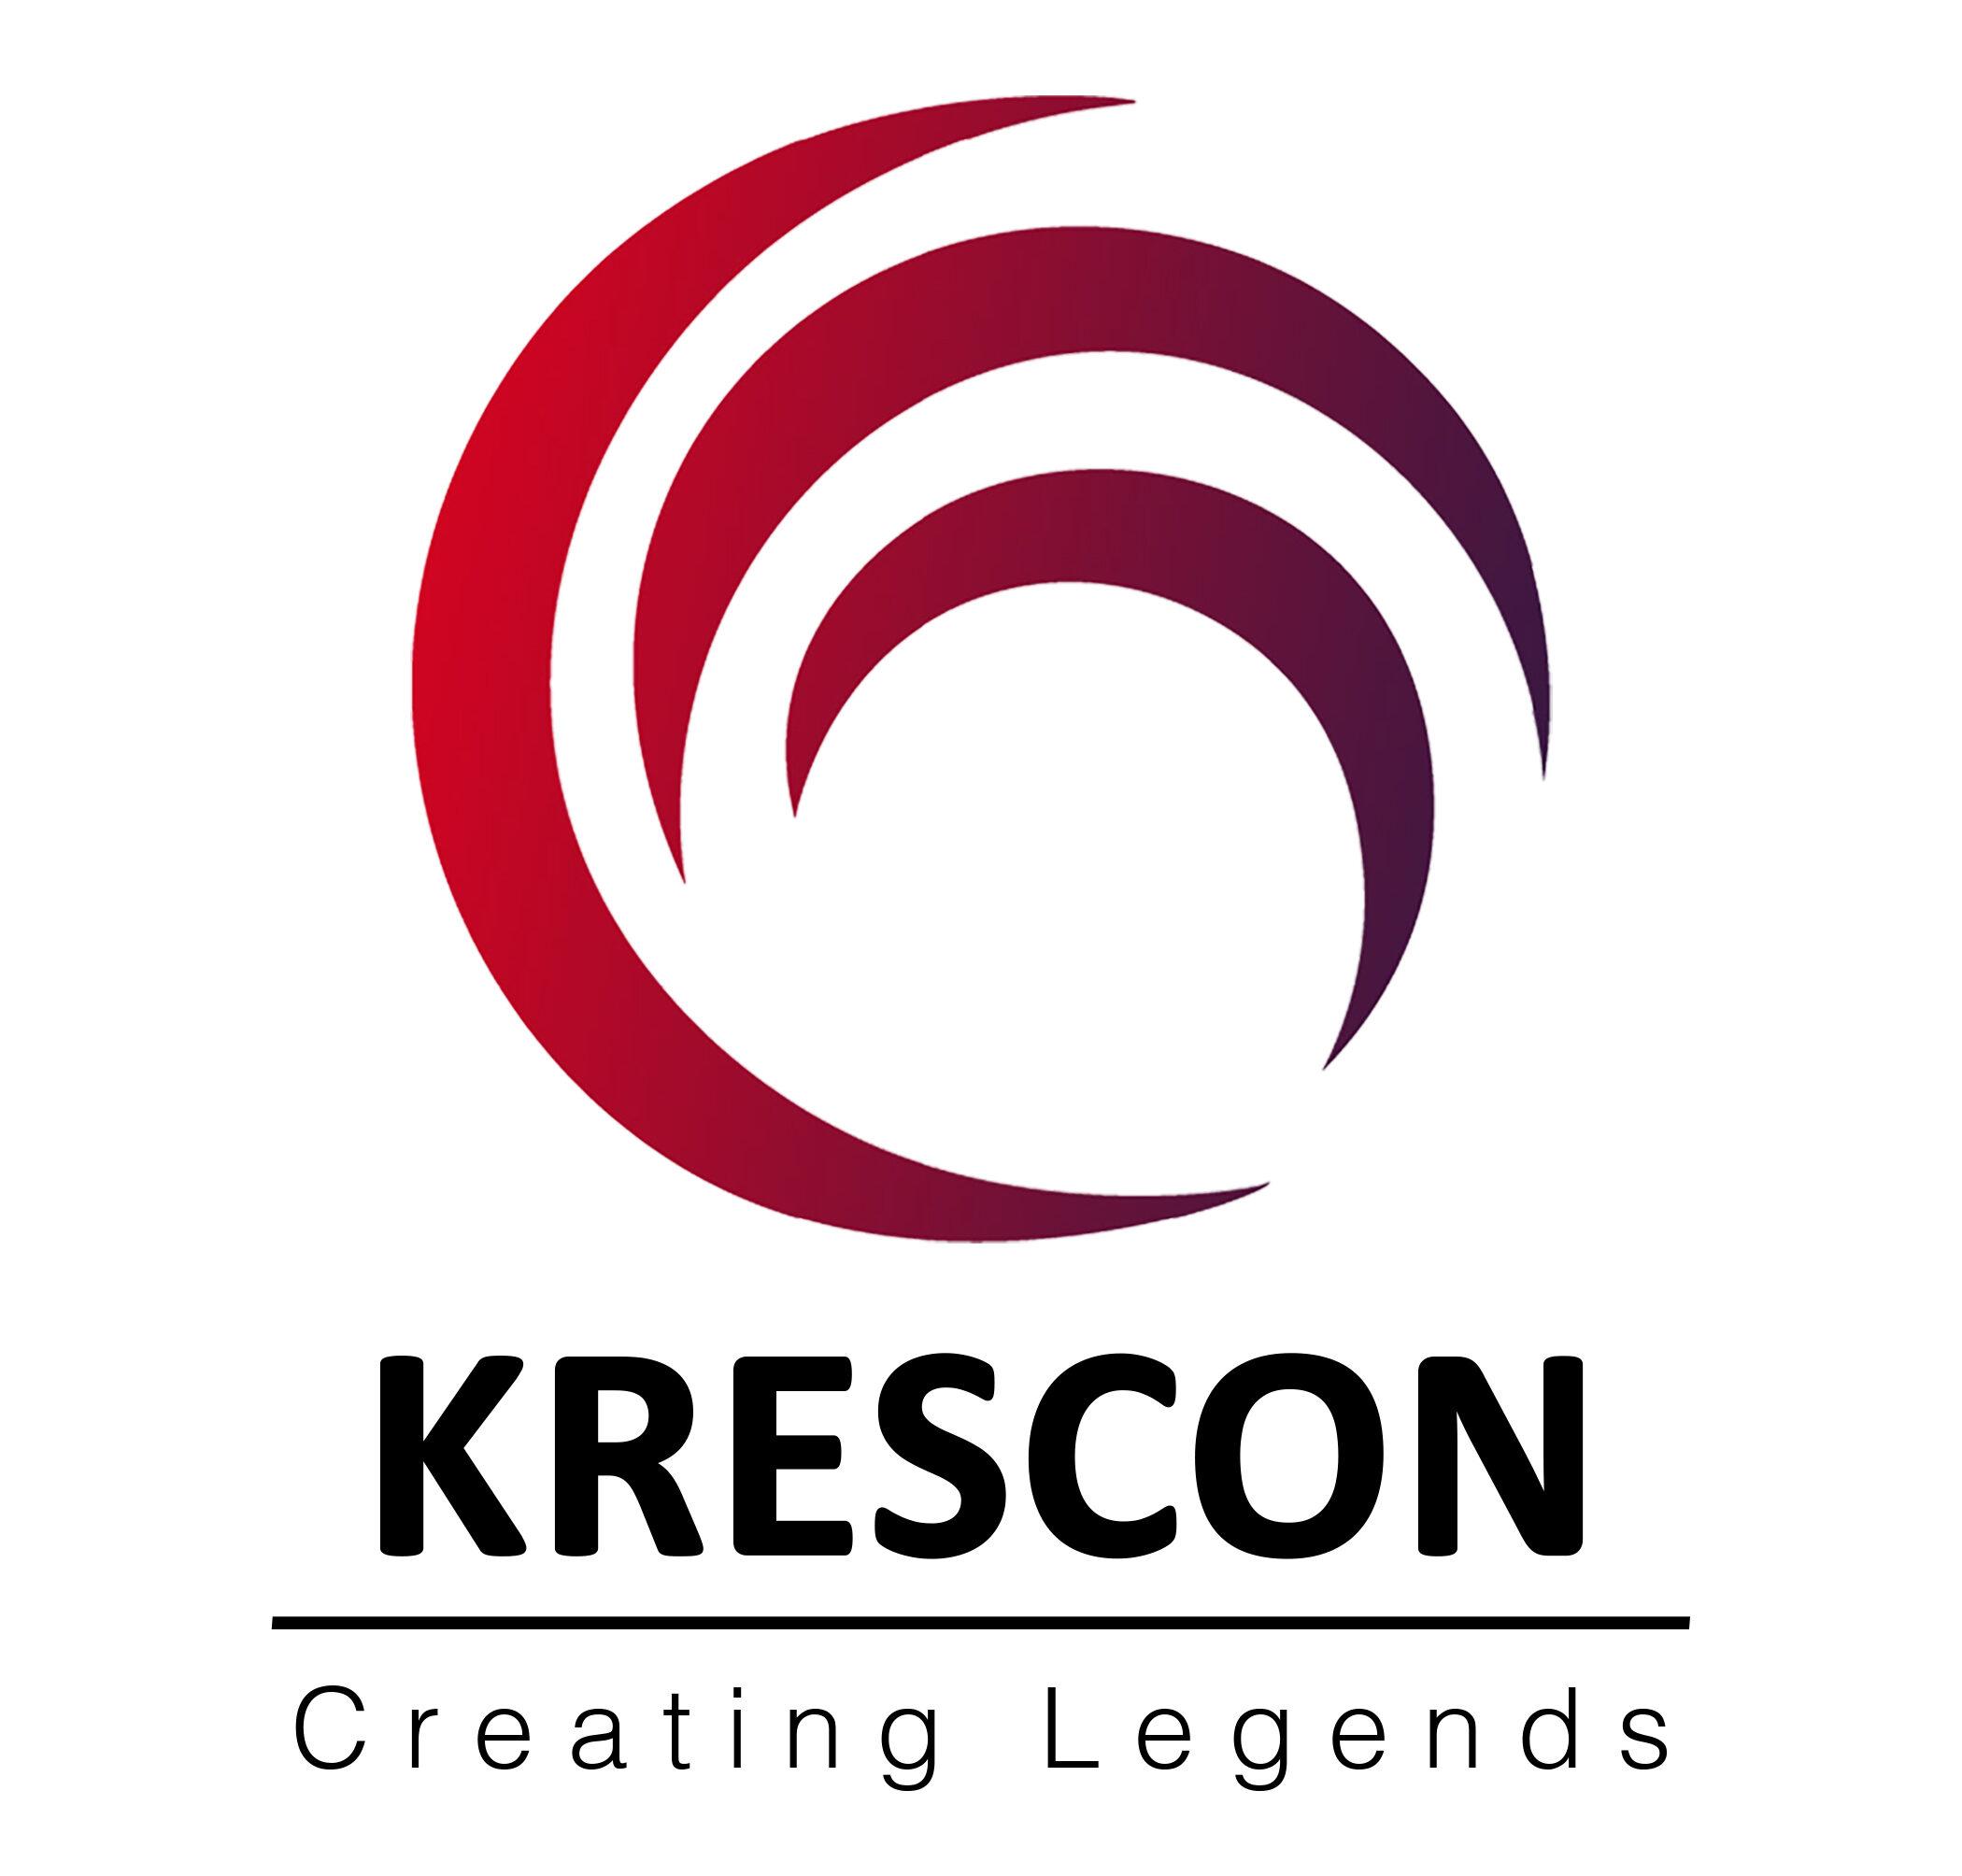 krescon.com